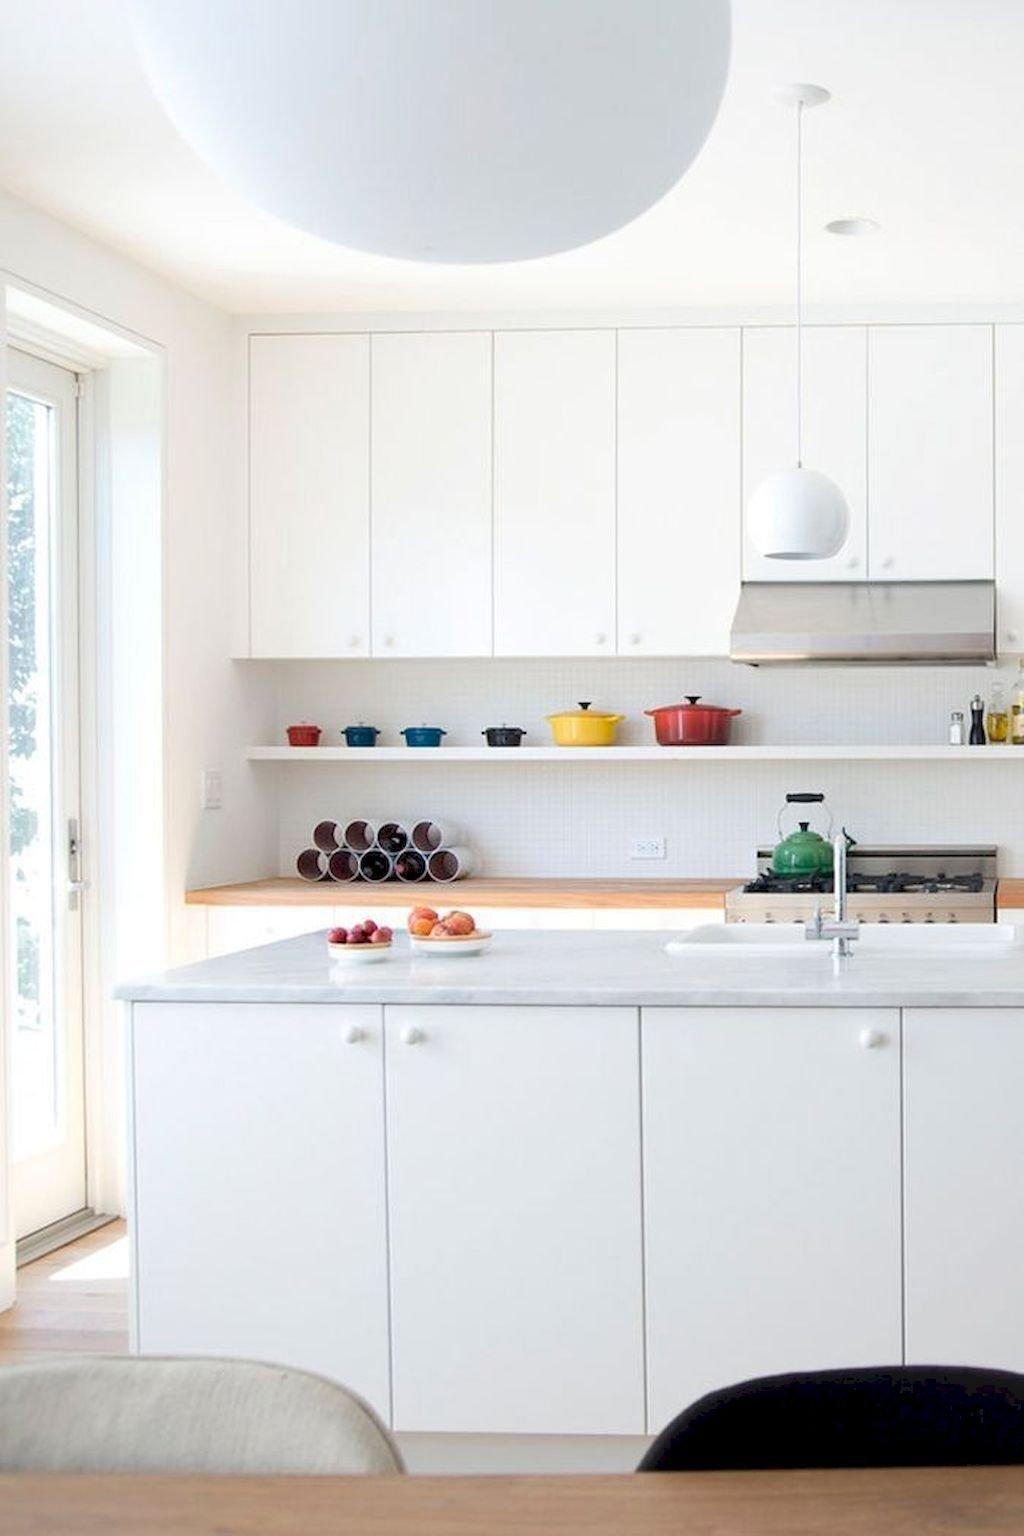 Minimalist Kitchen003